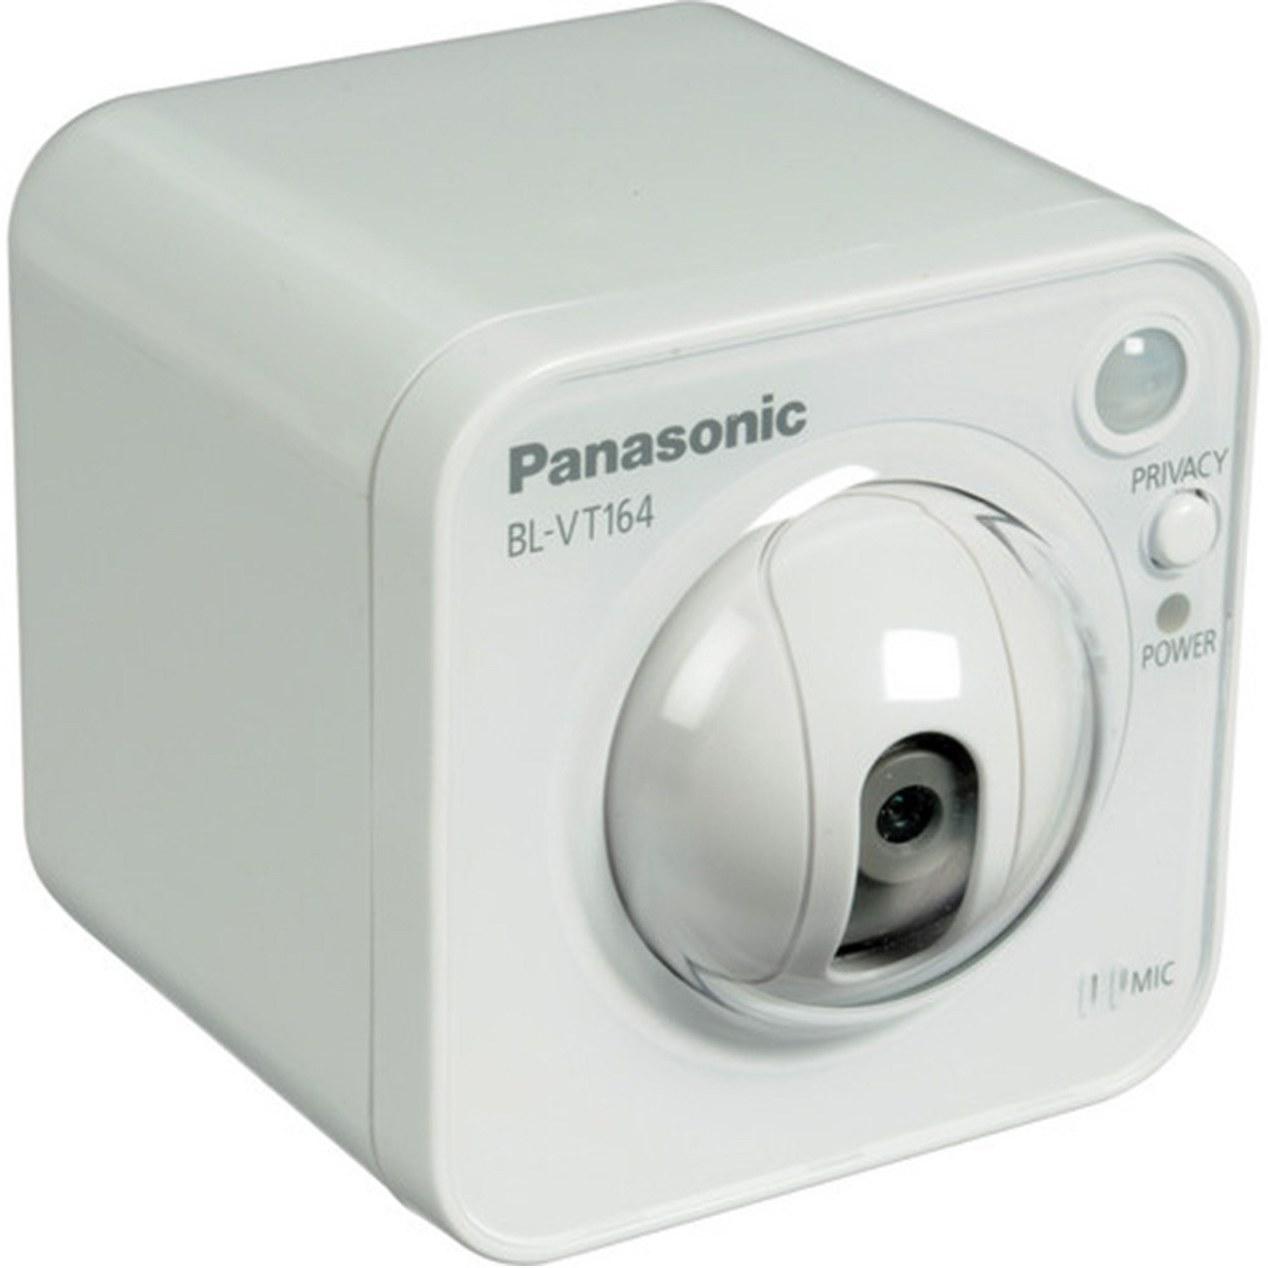 عکس دوربین تحت شبکه پاناسونیک مدل BL-VT164E Panasonic BL-VT164E Network Camera دوربین-تحت-شبکه-پاناسونیک-مدل-bl-vt164e